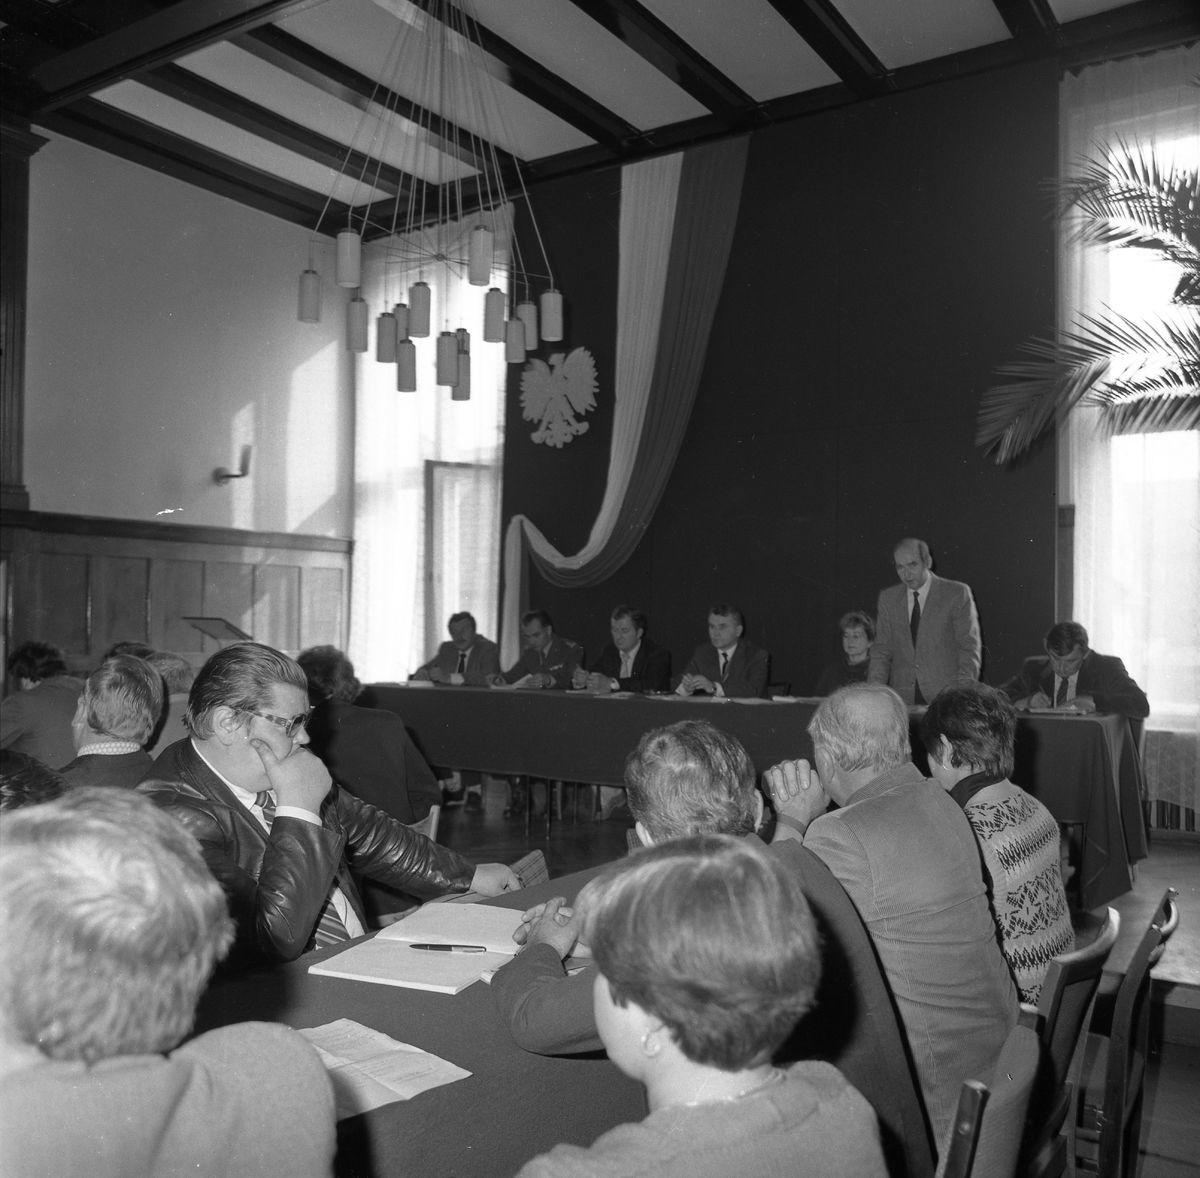 Sesja Miejskiej Rady Narodowej, 1984 r.